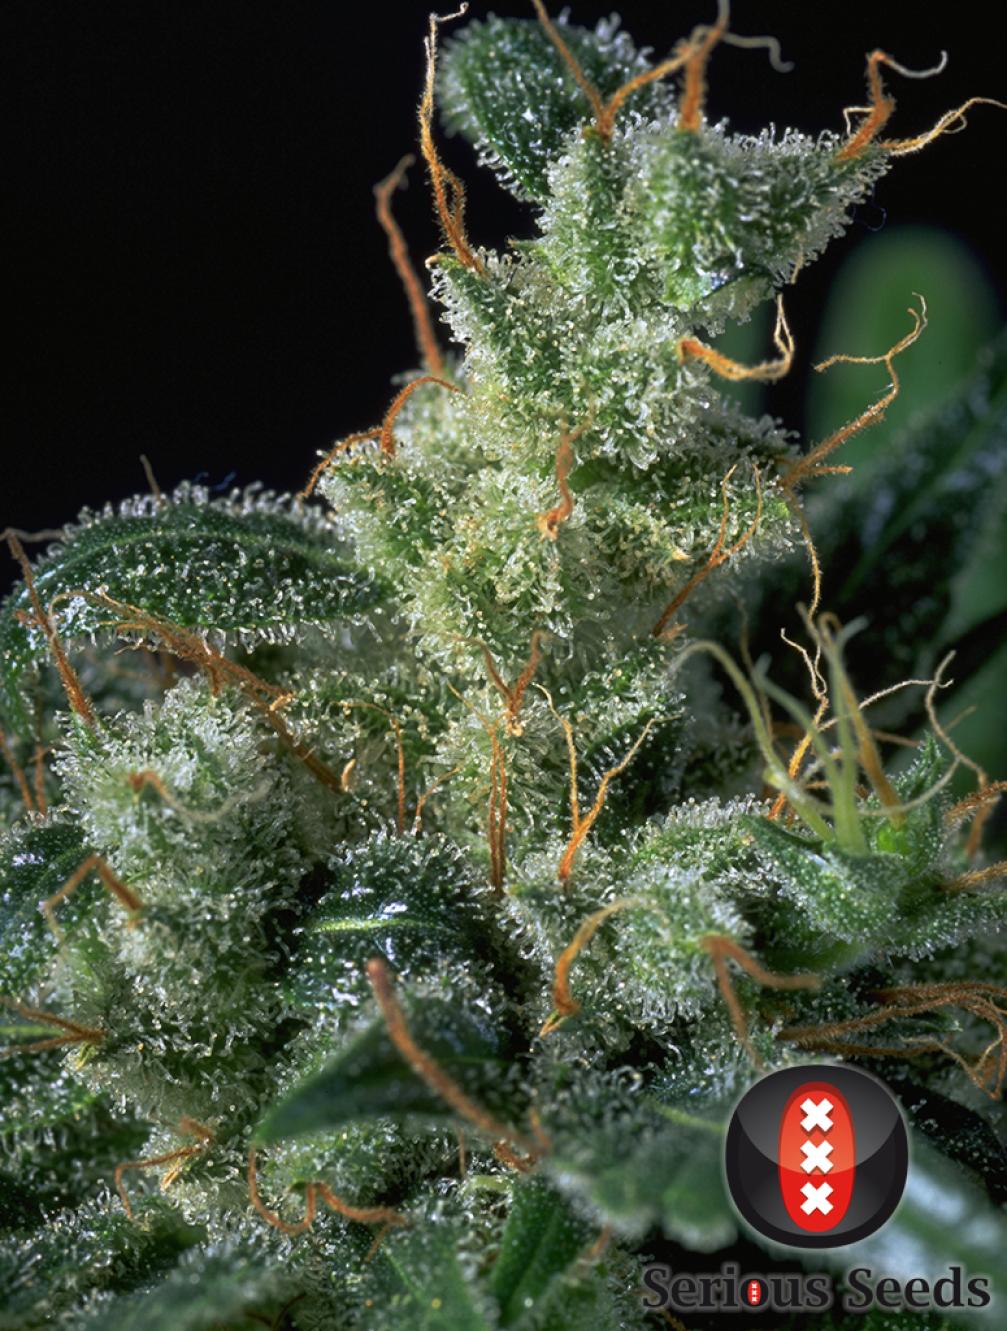 Kali Mist Cannabis Seeds Serious Seeds